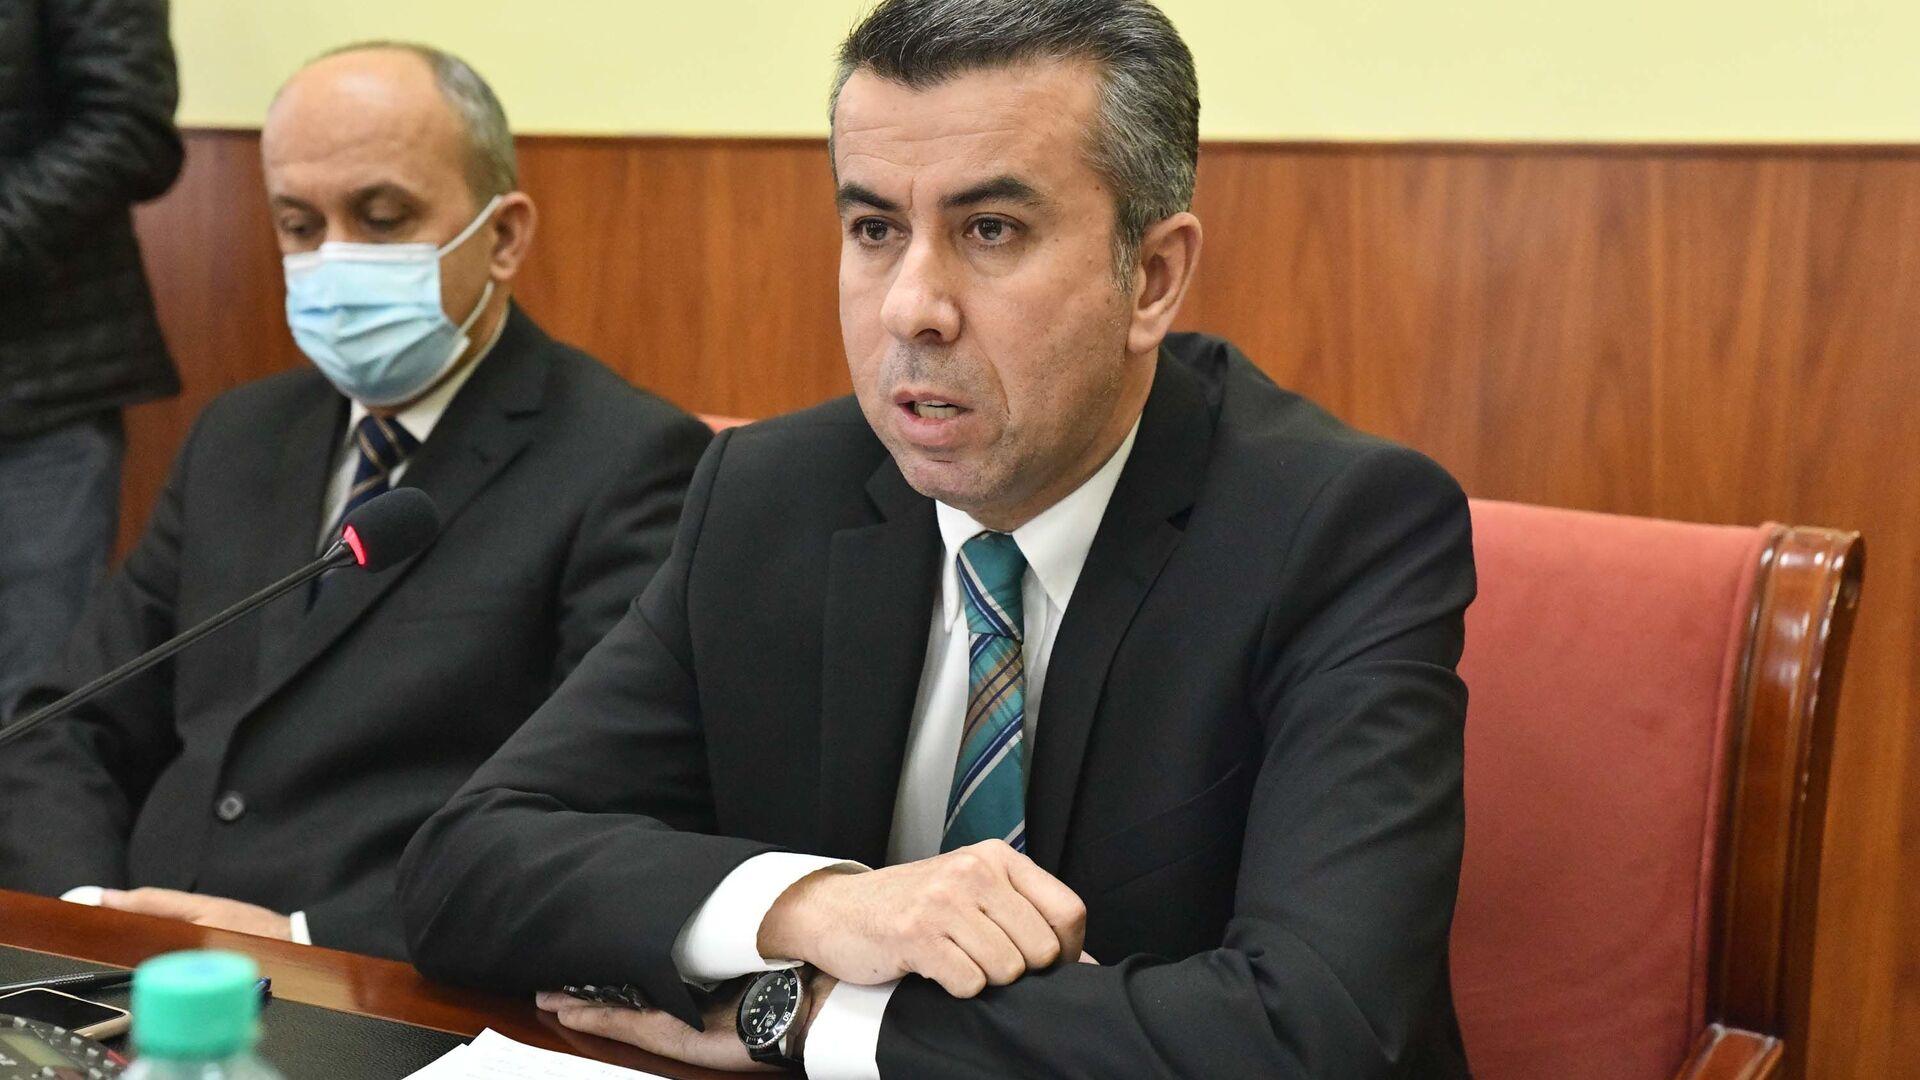 Пресс-конференция Уполномоченного по правам человека в Таджикистане - Sputnik Таджикистан, 1920, 15.07.2021